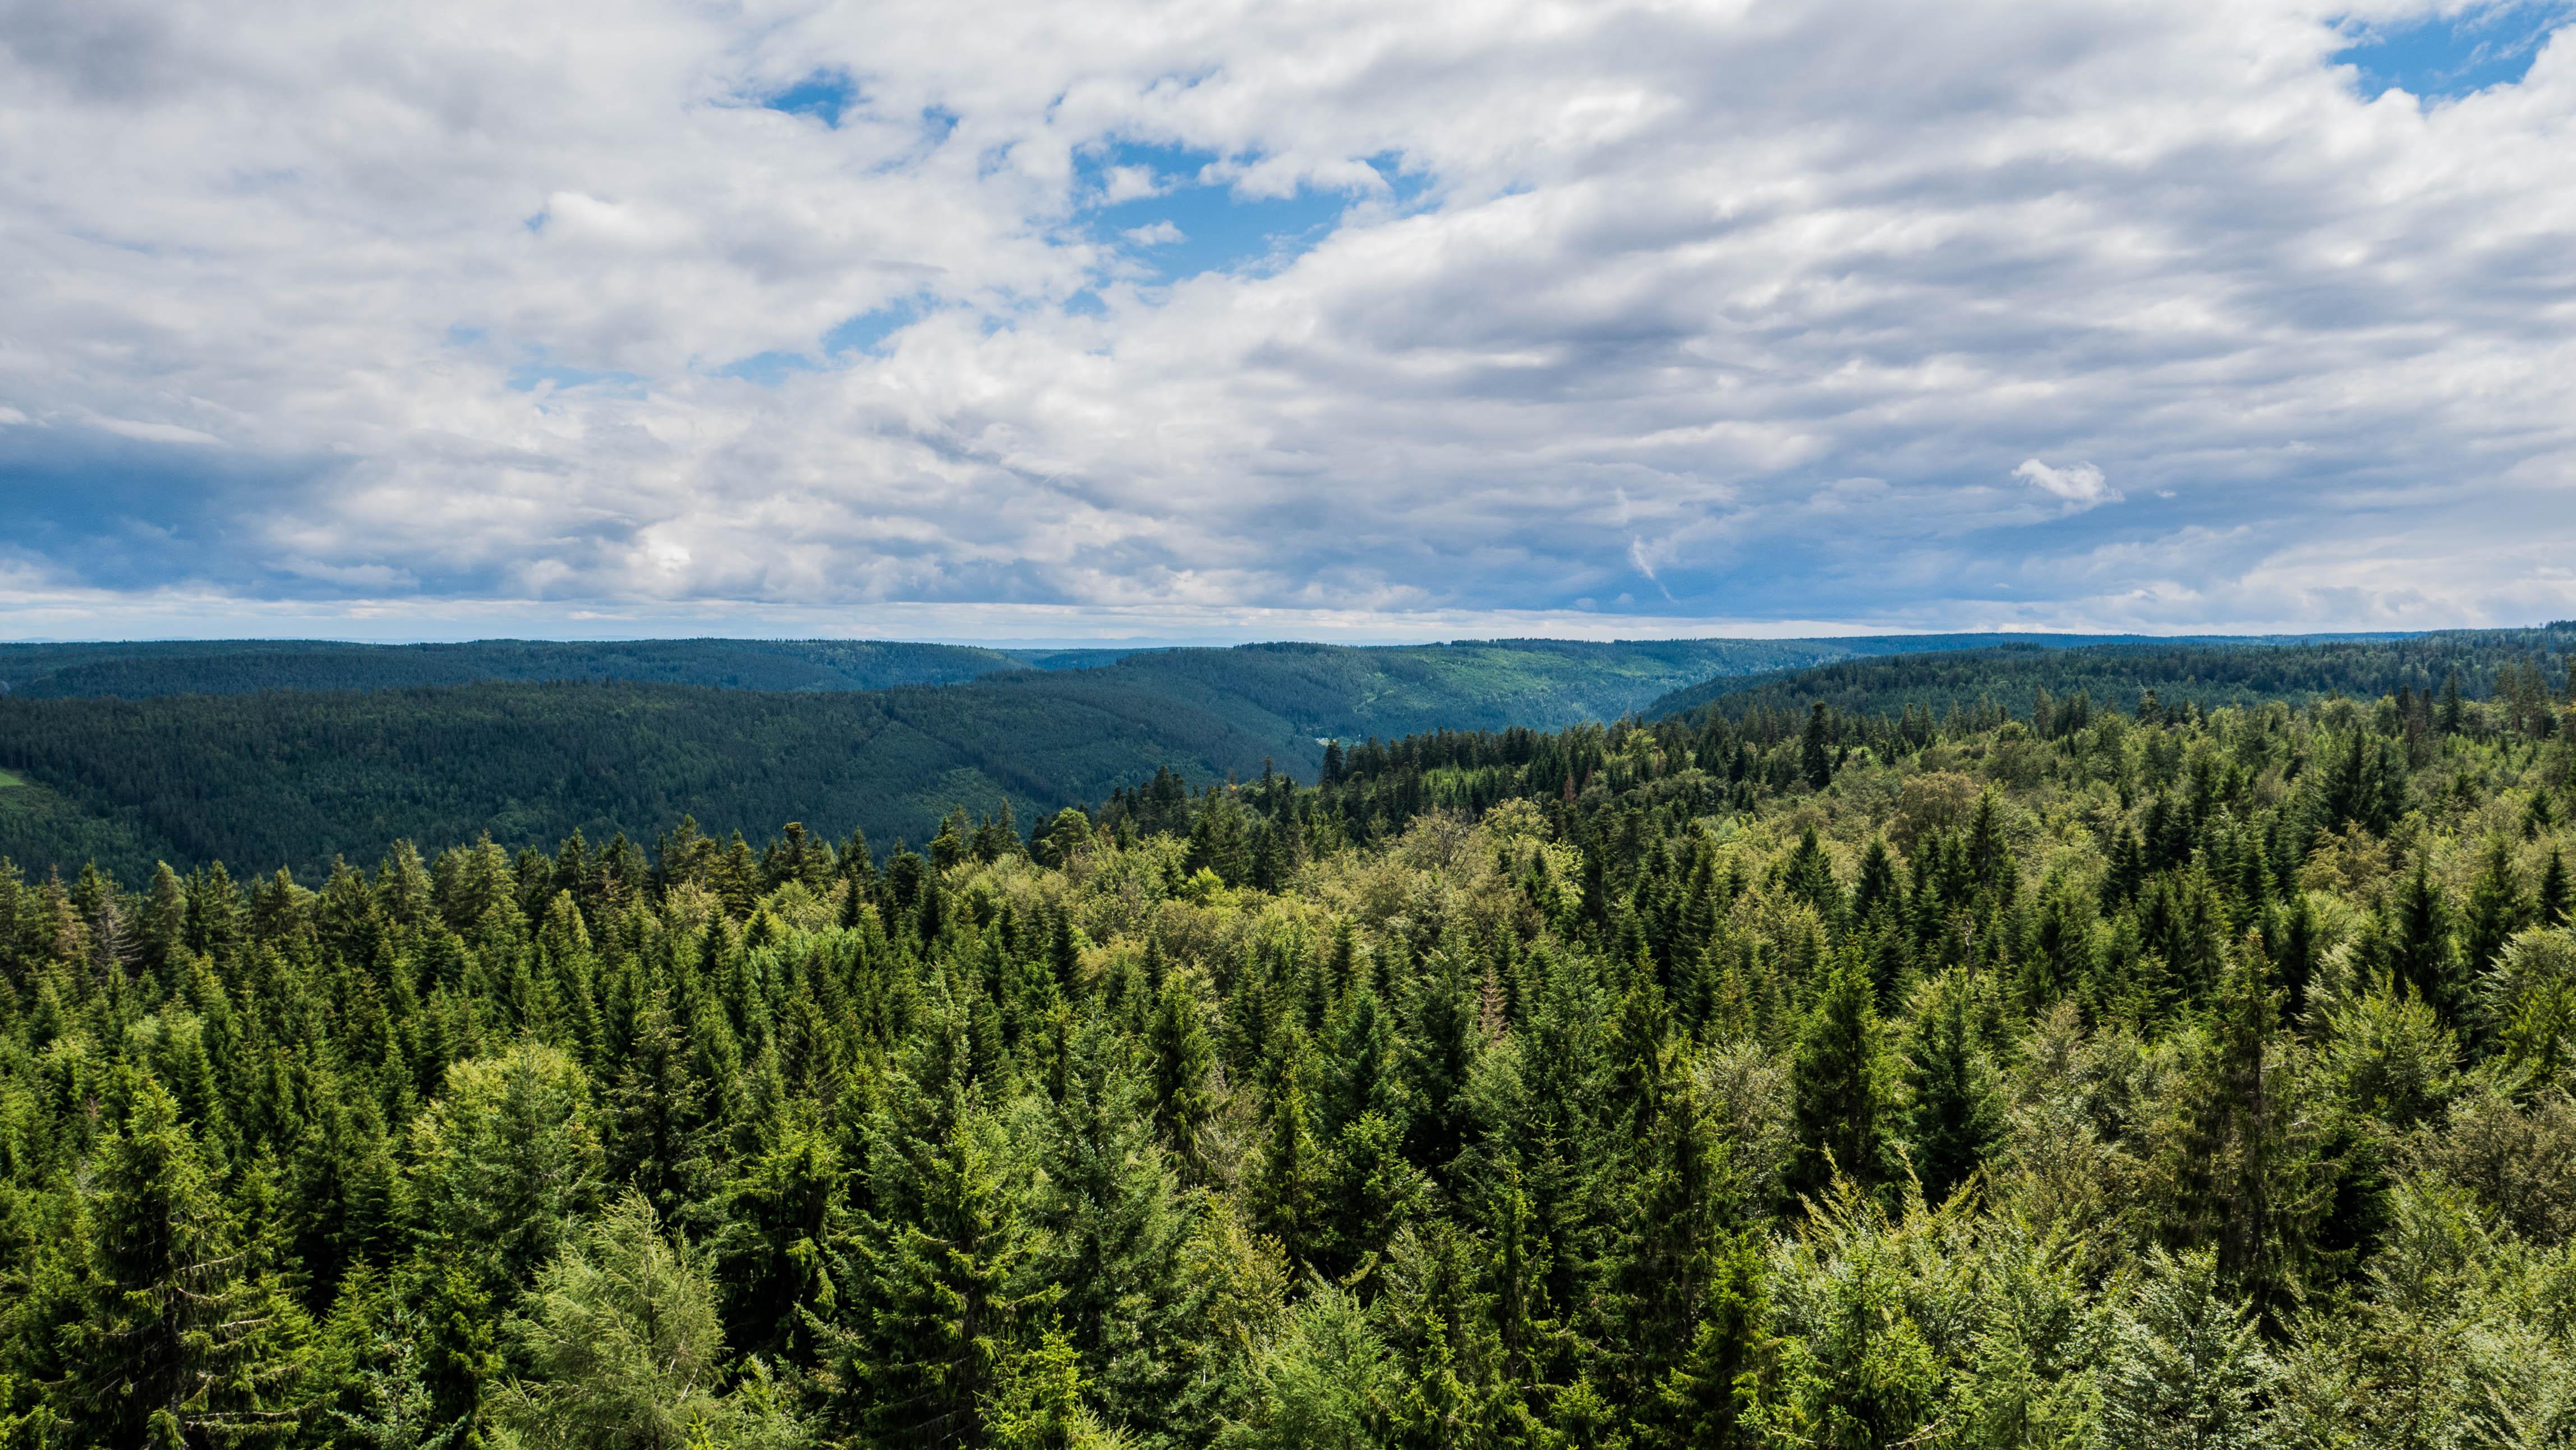 Baumpwipfelpfad, c'est des arbres à perte de vue.